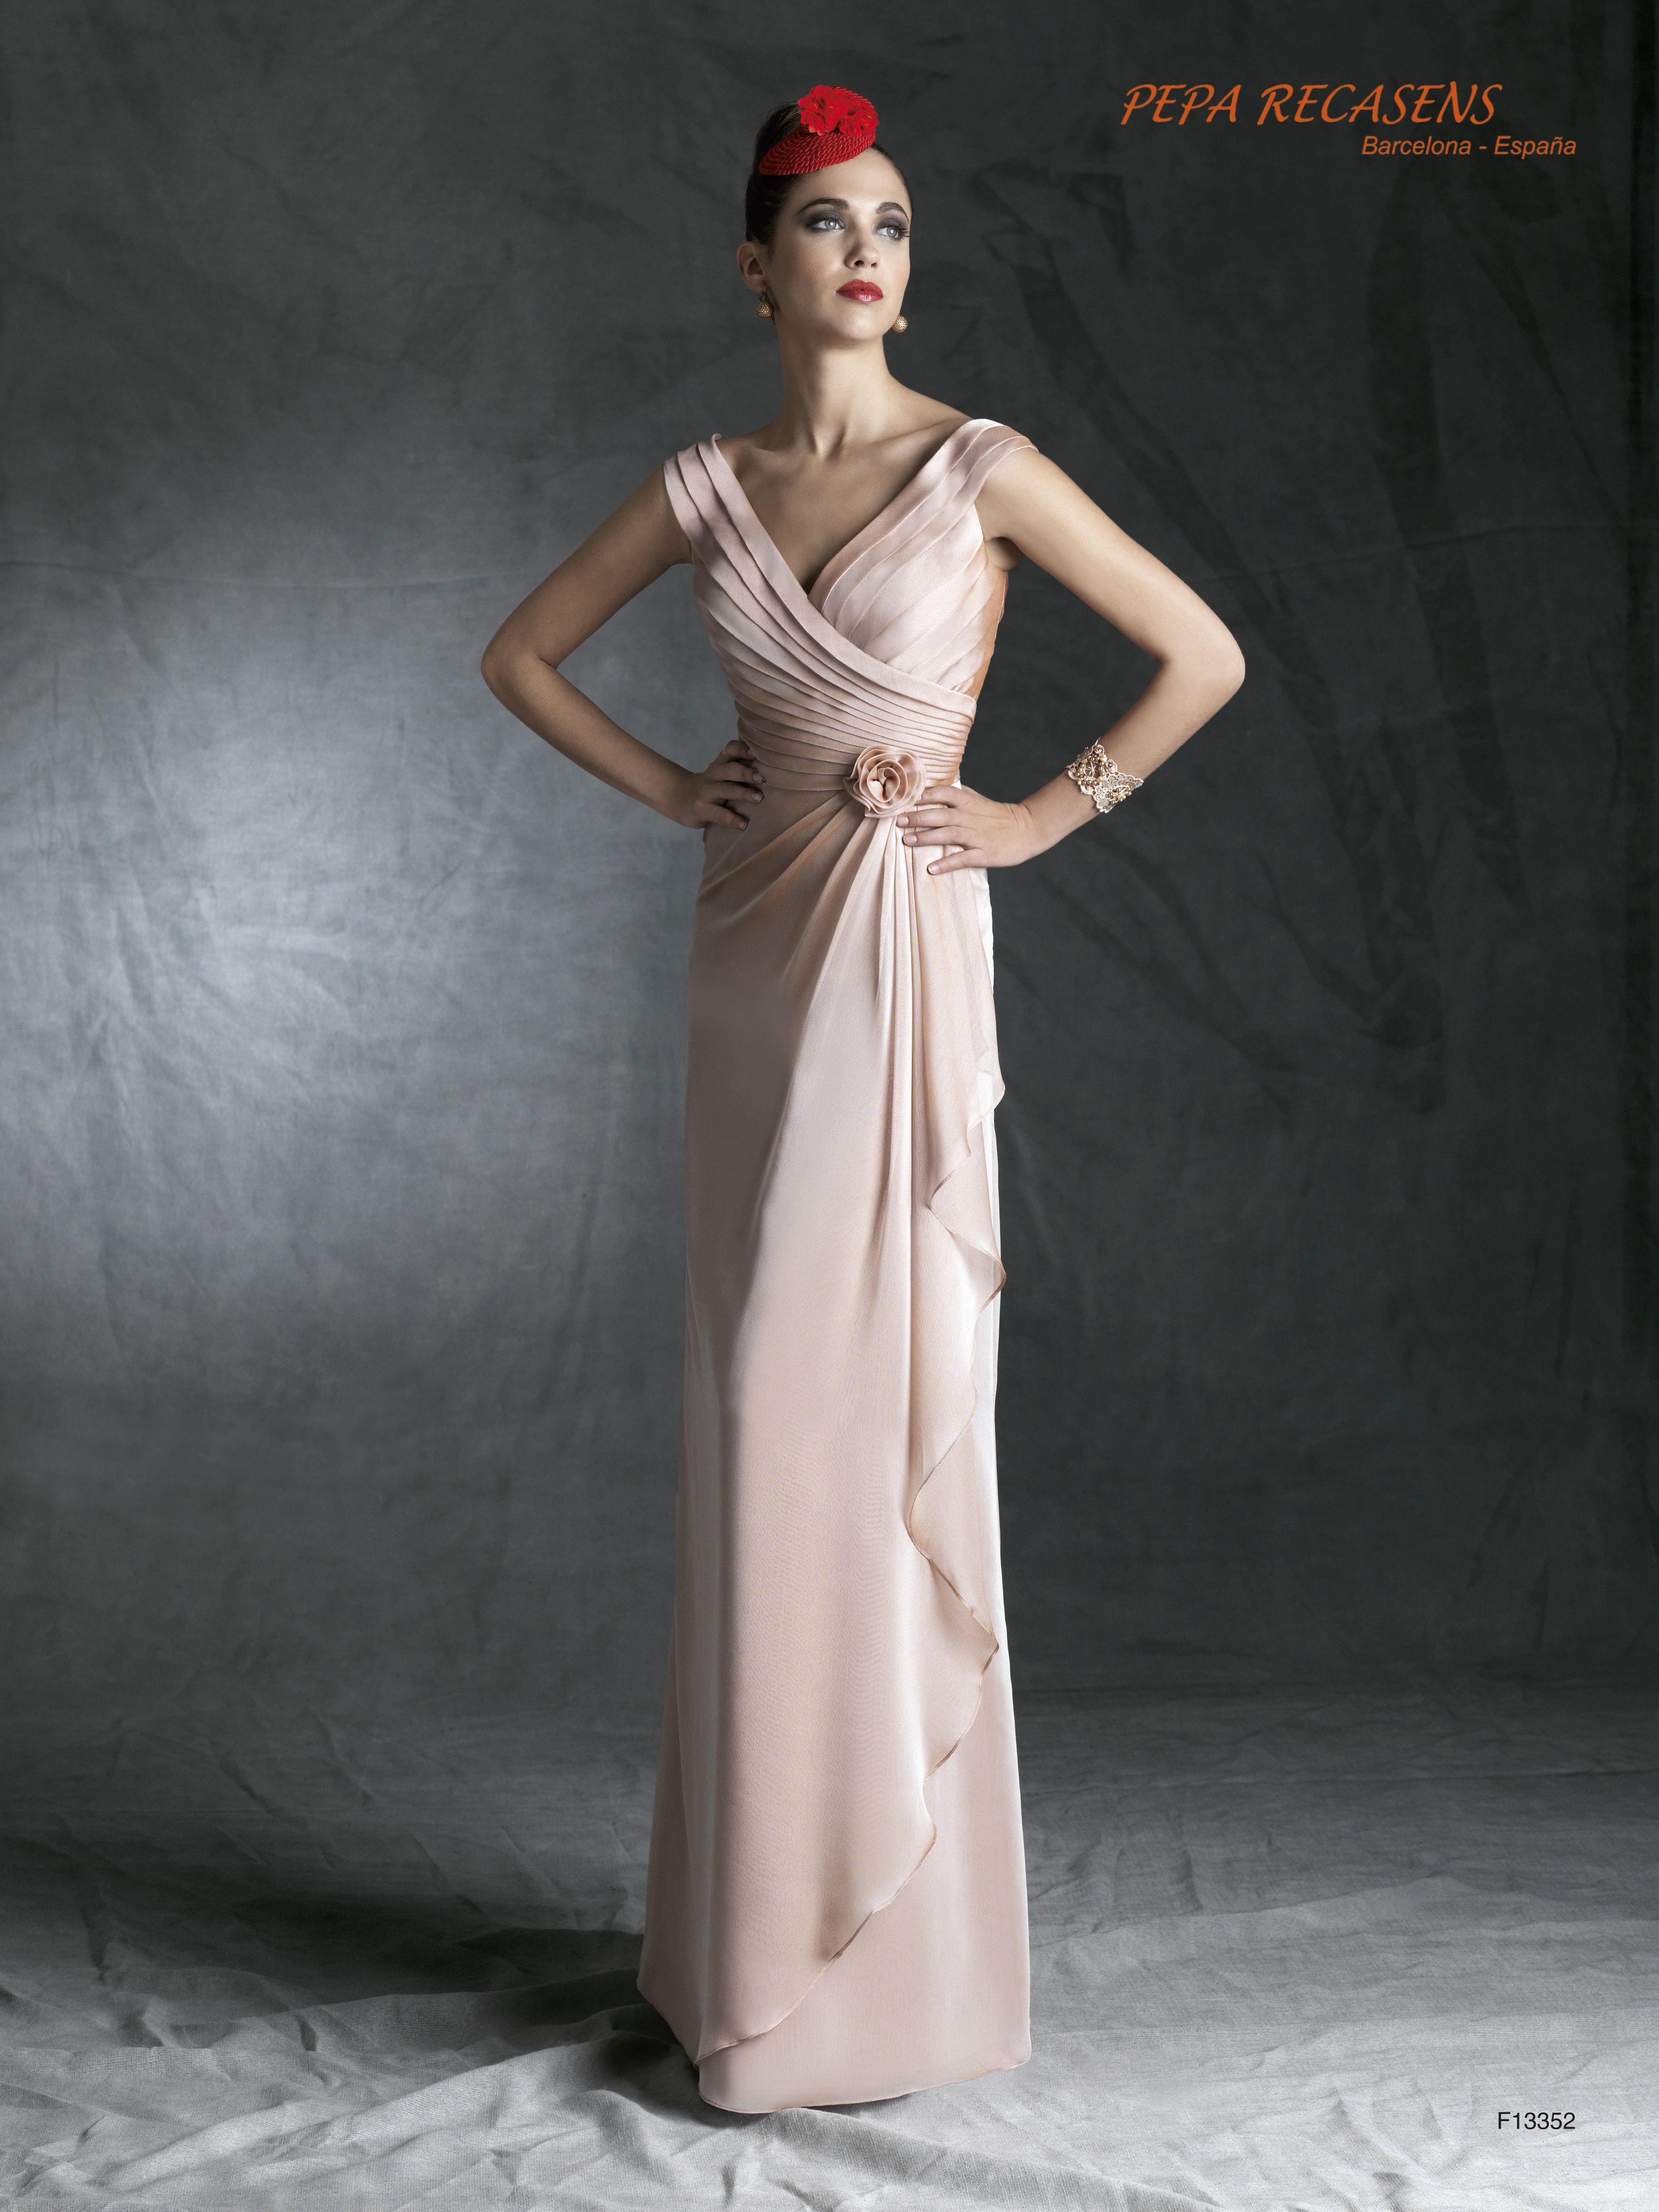 Clase y glamour en este vestido de fiesta en chiffon de seda con delicados drapeados y